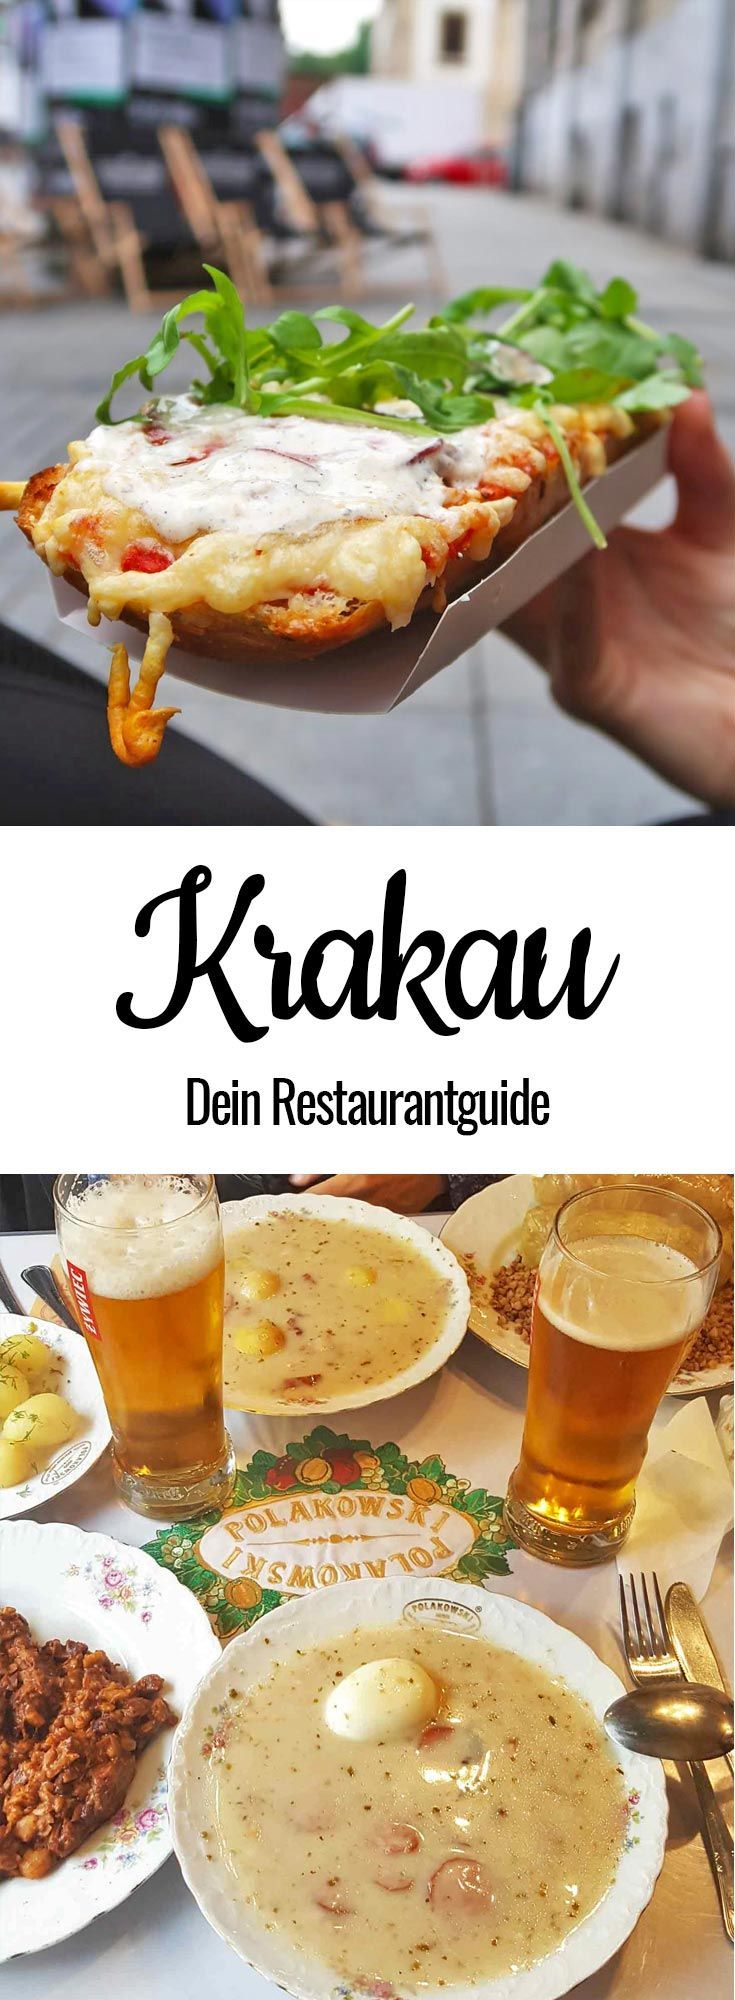 Krakau Restaurants: Die leckersten Foodtipps der Stadt!